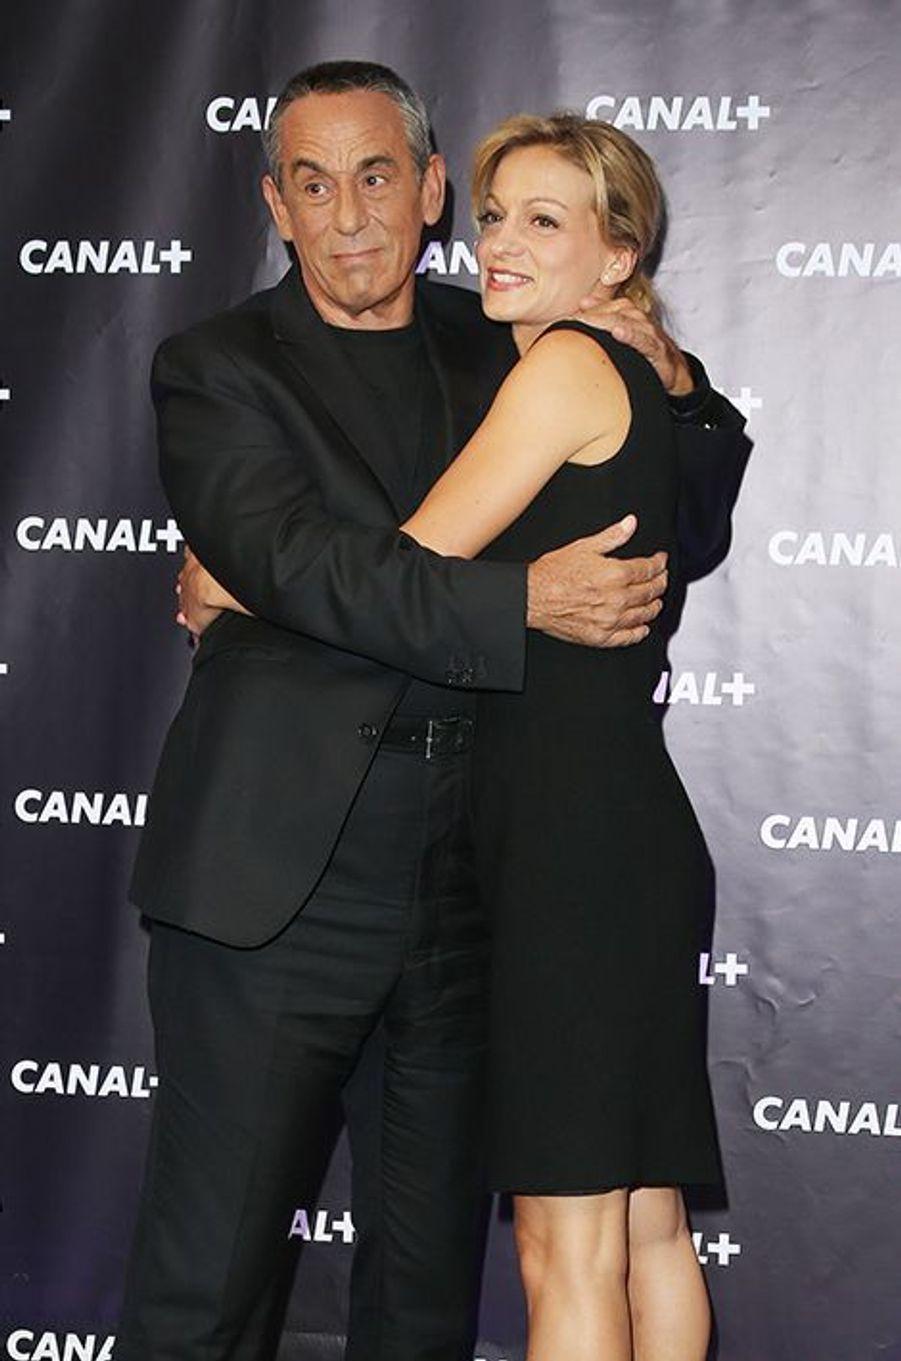 L'animateur français a épousé la journaliste Audrey Crespo-Mara le 21 juin dernier.